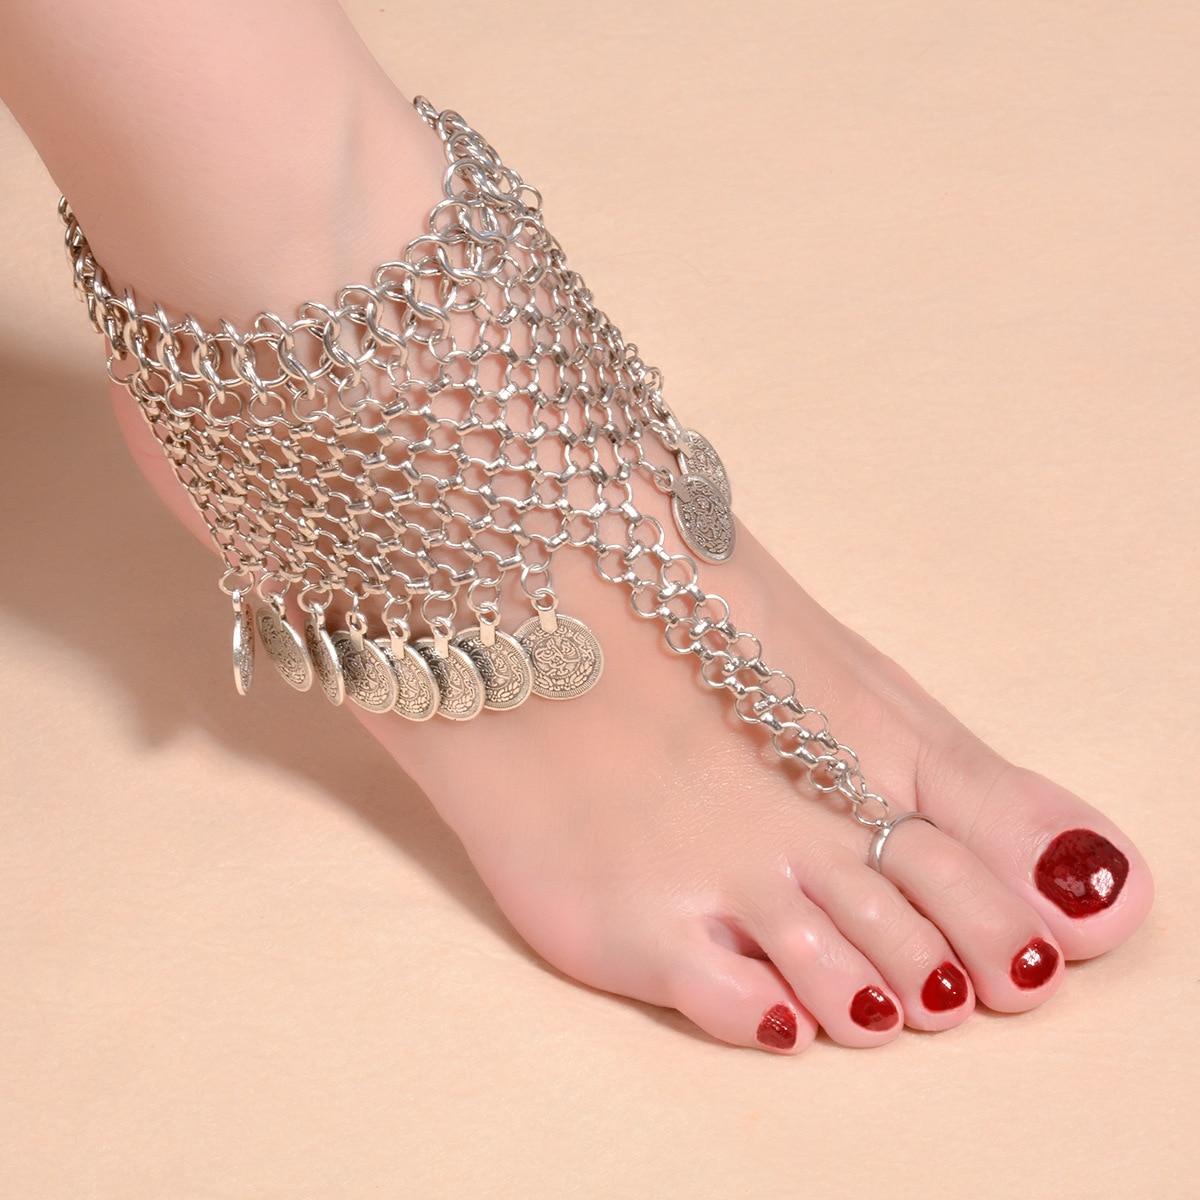 1ชิ้นBarefootรองเท้าแตะฤดูร้อนสไตล์โบฮี